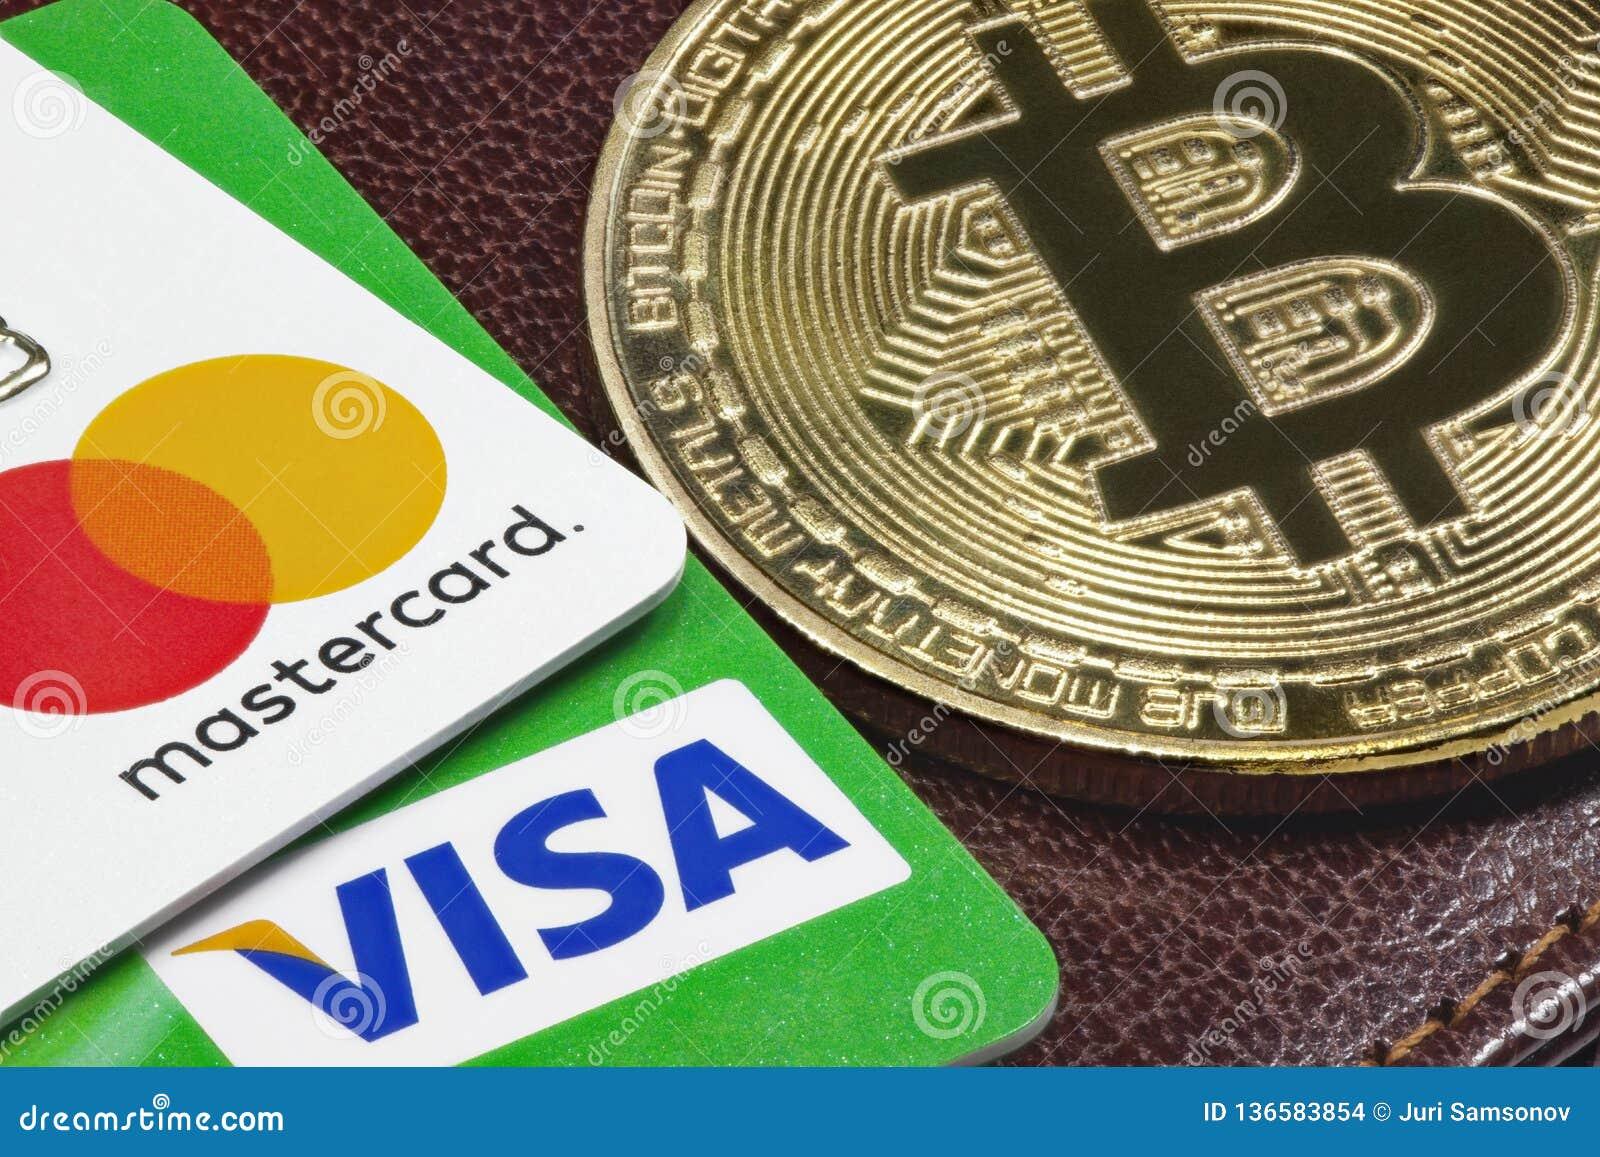 bitcoin visa mastercard yra geros btc rinka